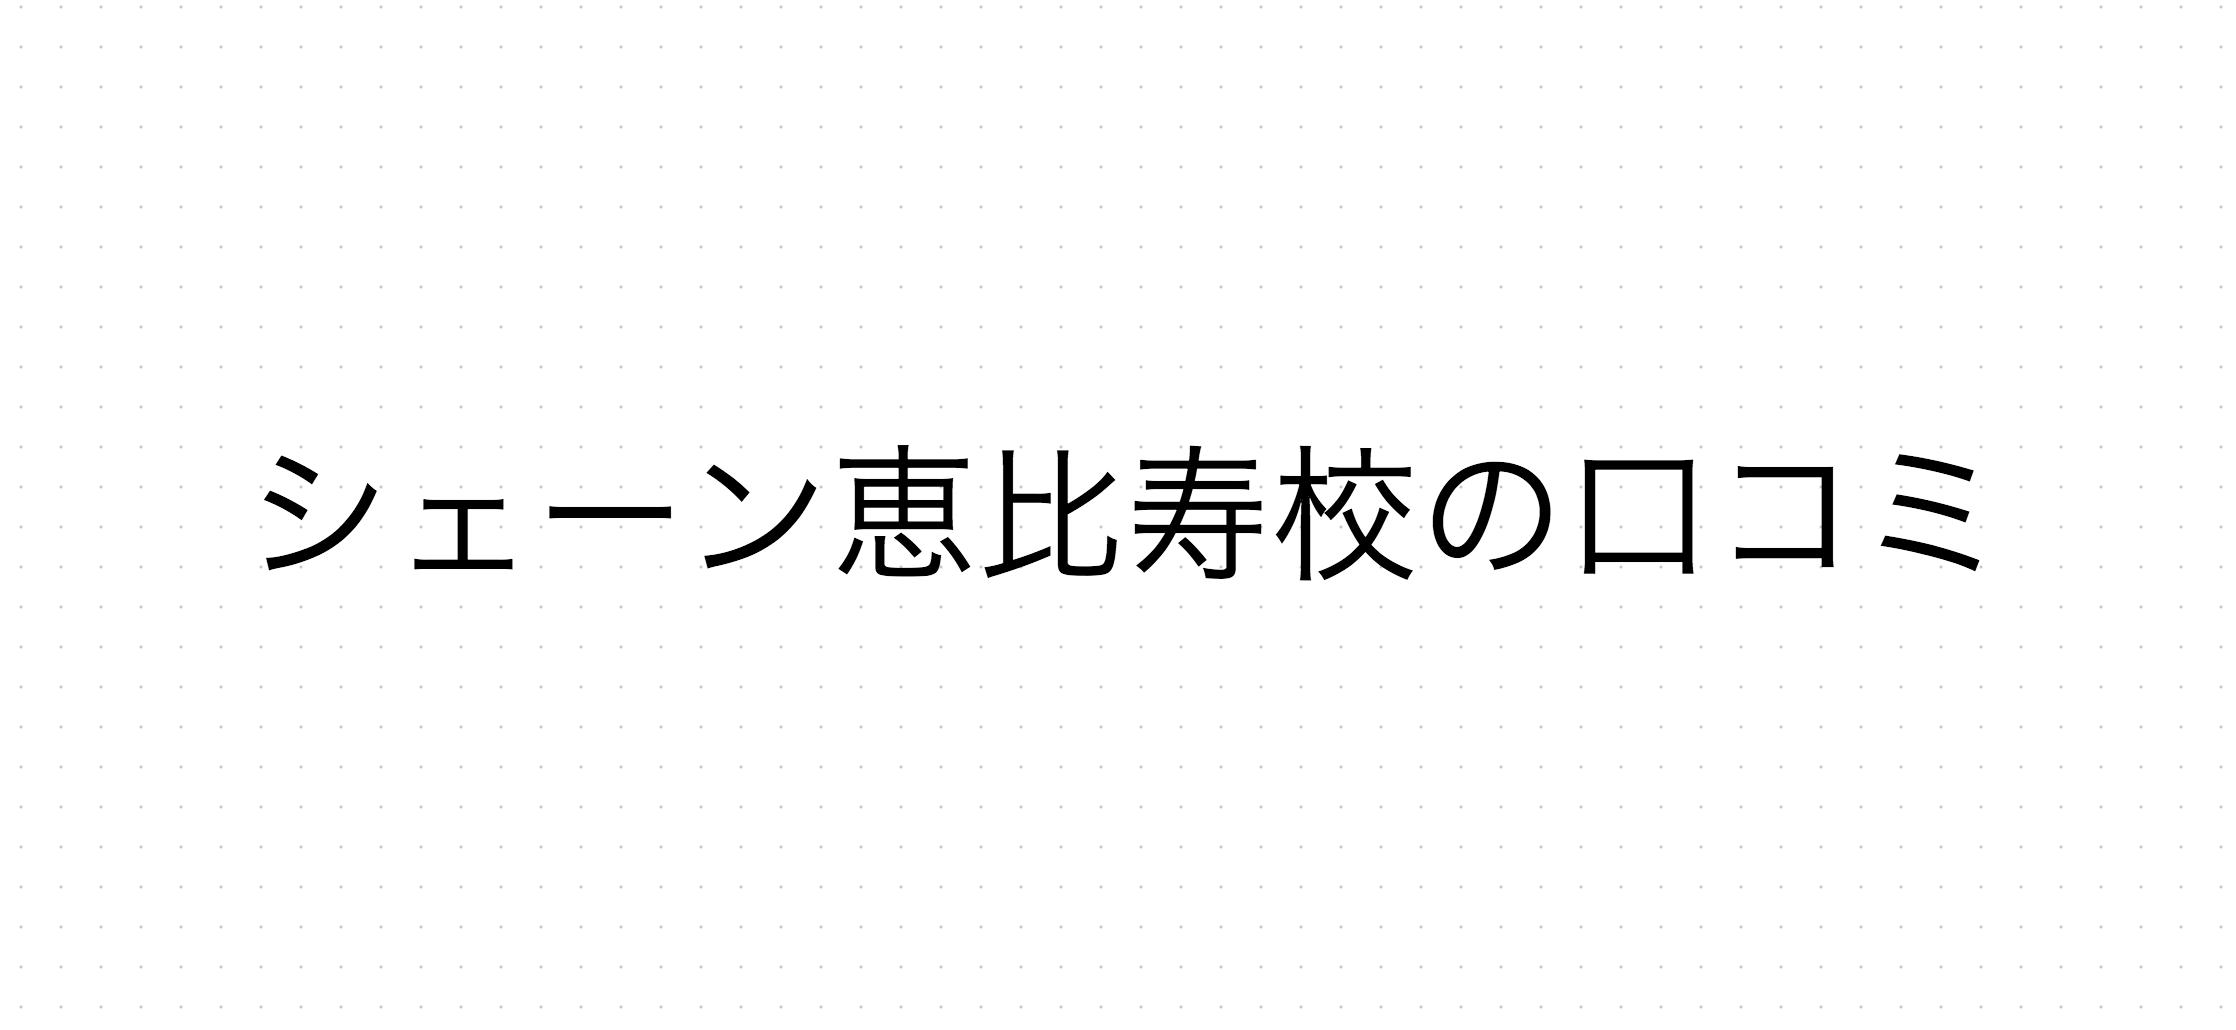 【徹底調査!】シェーン英会話 ( 恵比寿ガーデンプレイス校 ) の口コミや評判は?